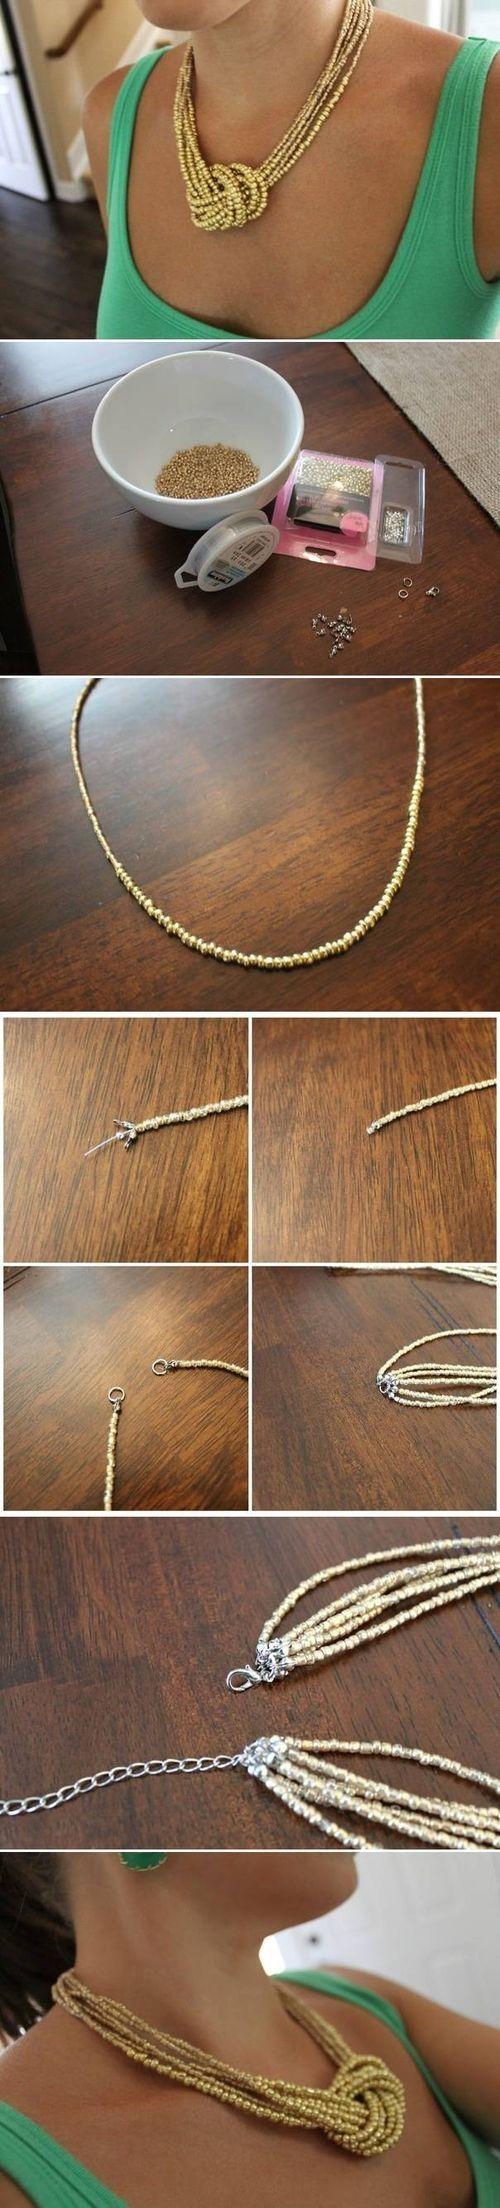 realizzare una collana lunga con nodo